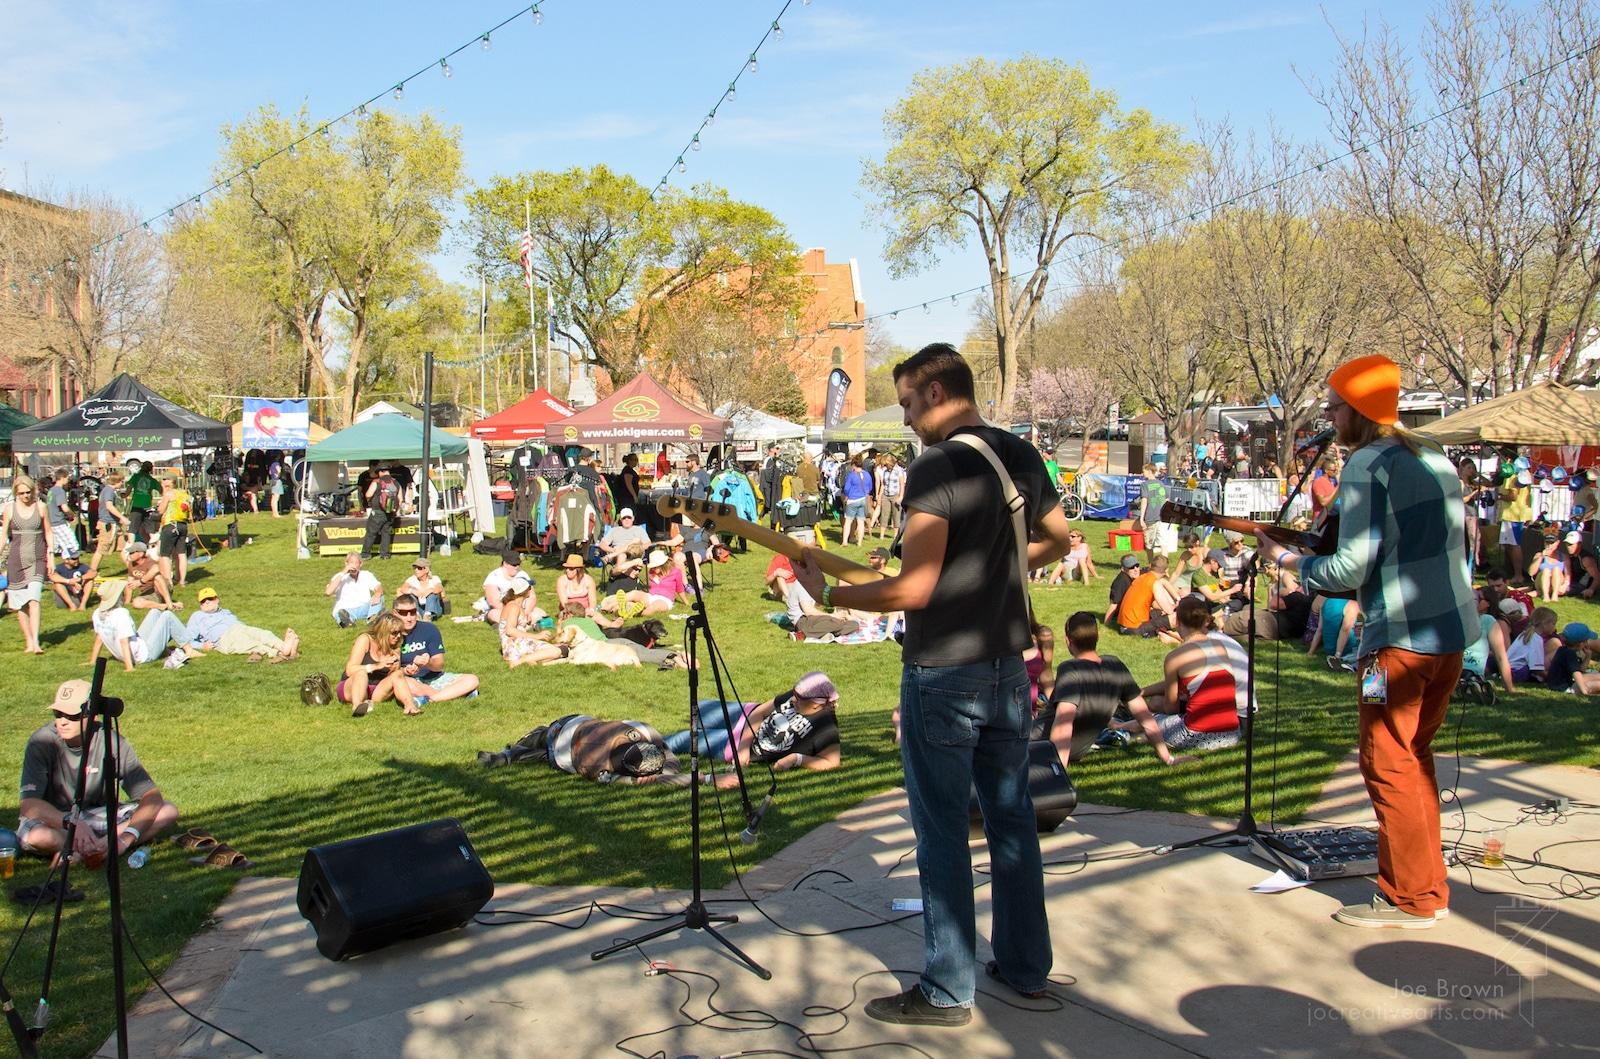 Fruita Fat Tire Festival, CO